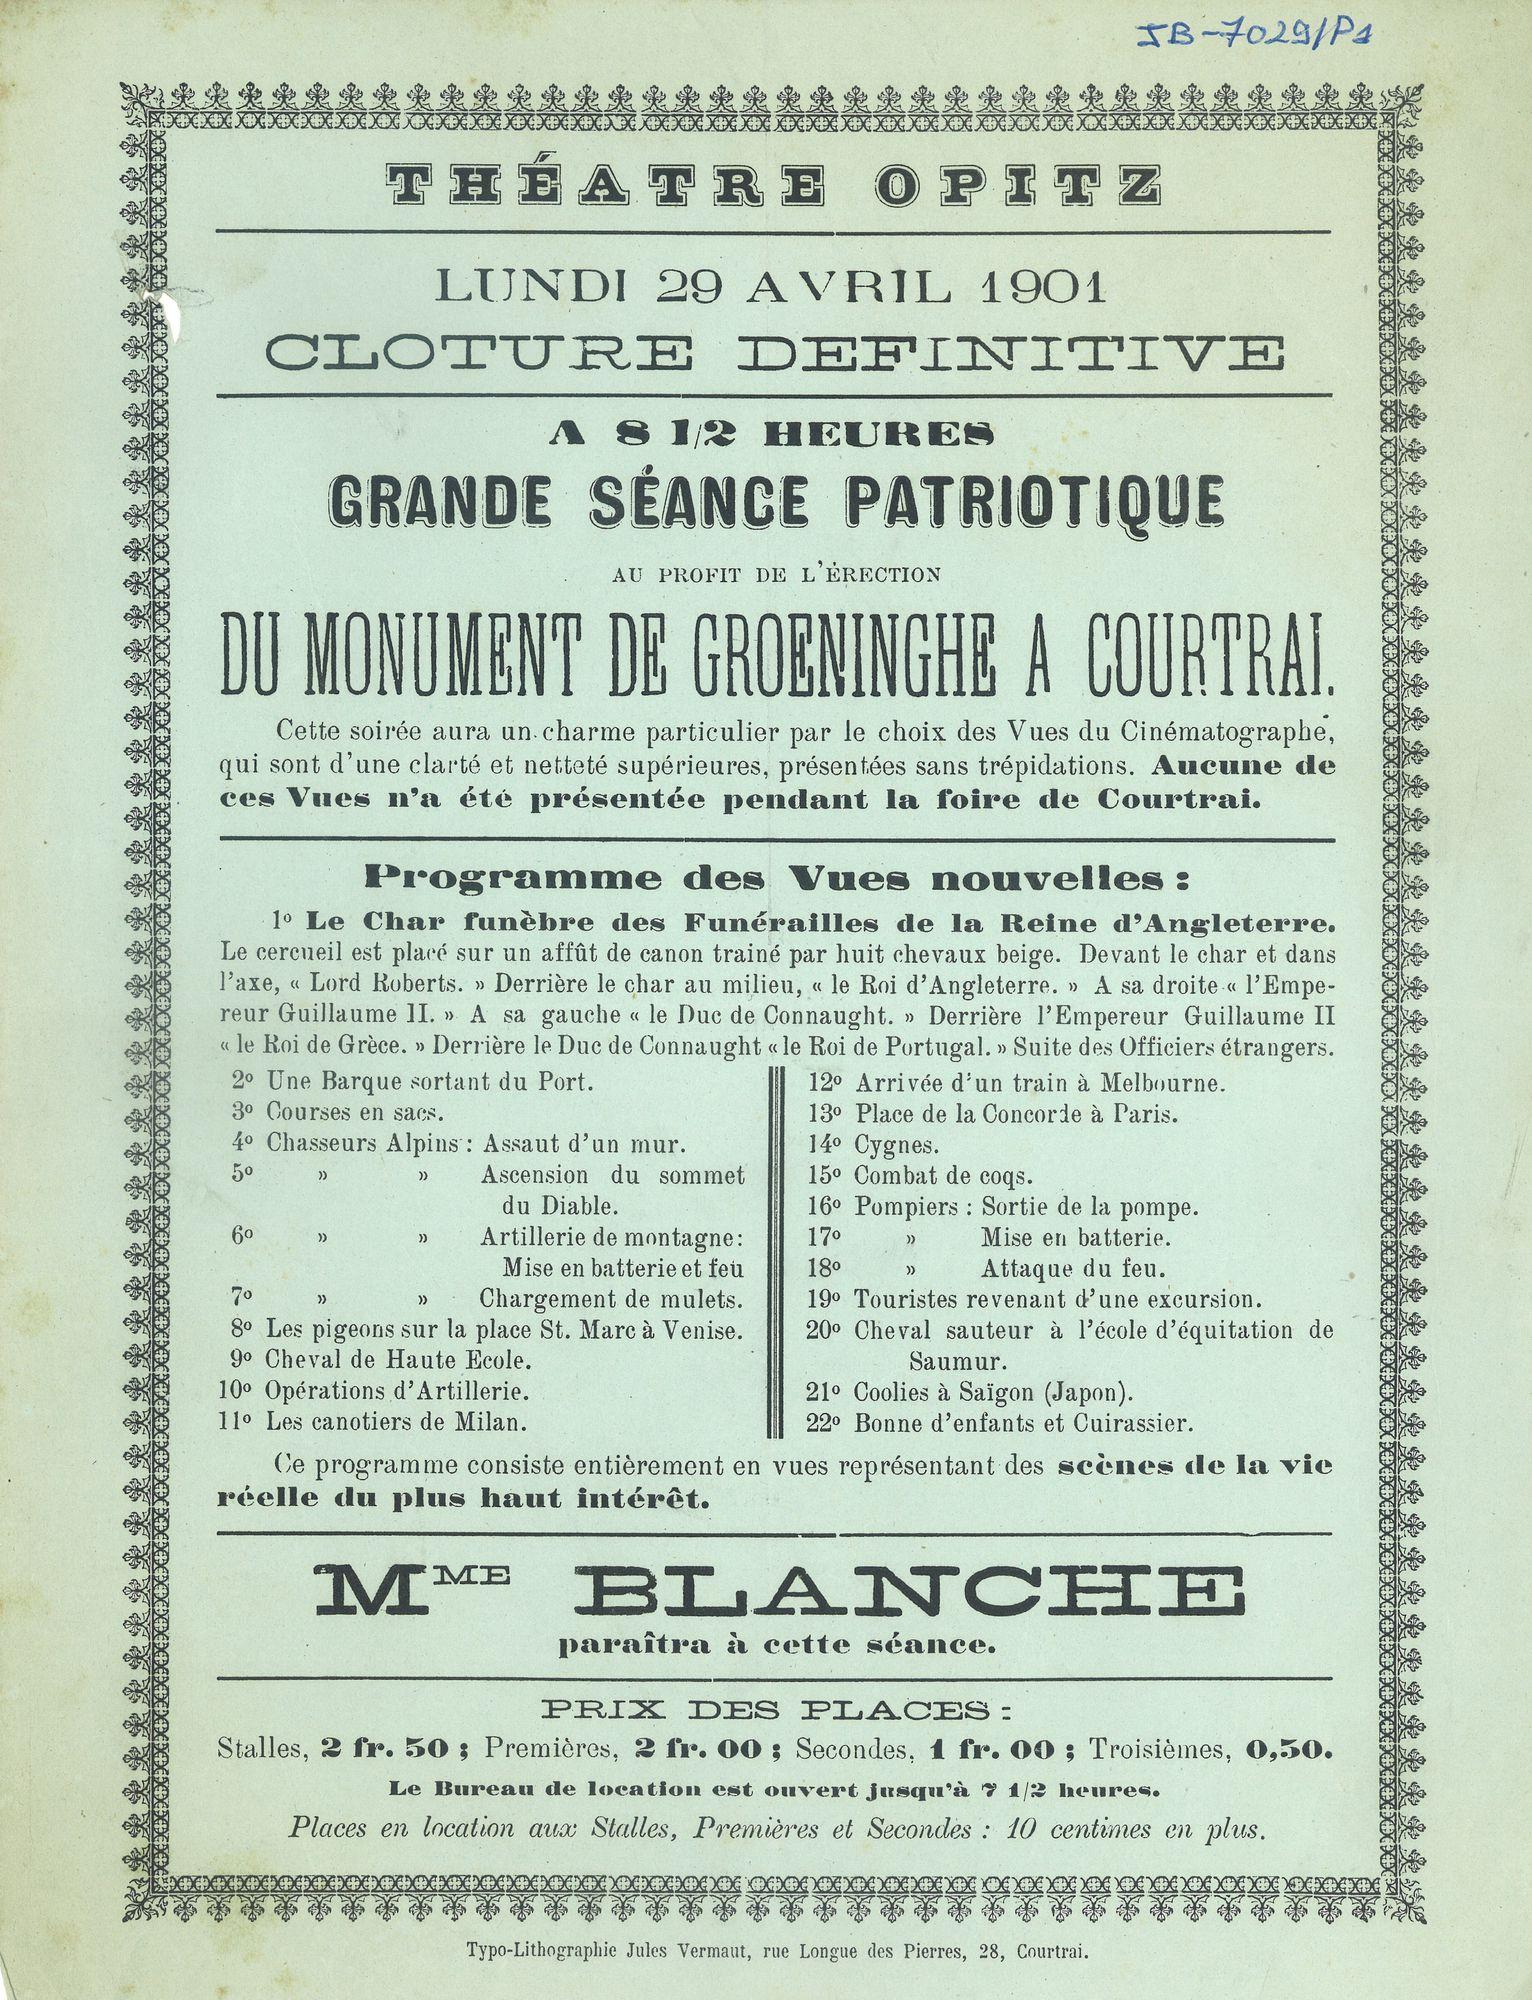 Paasfoor 1901: Théatre Opitz